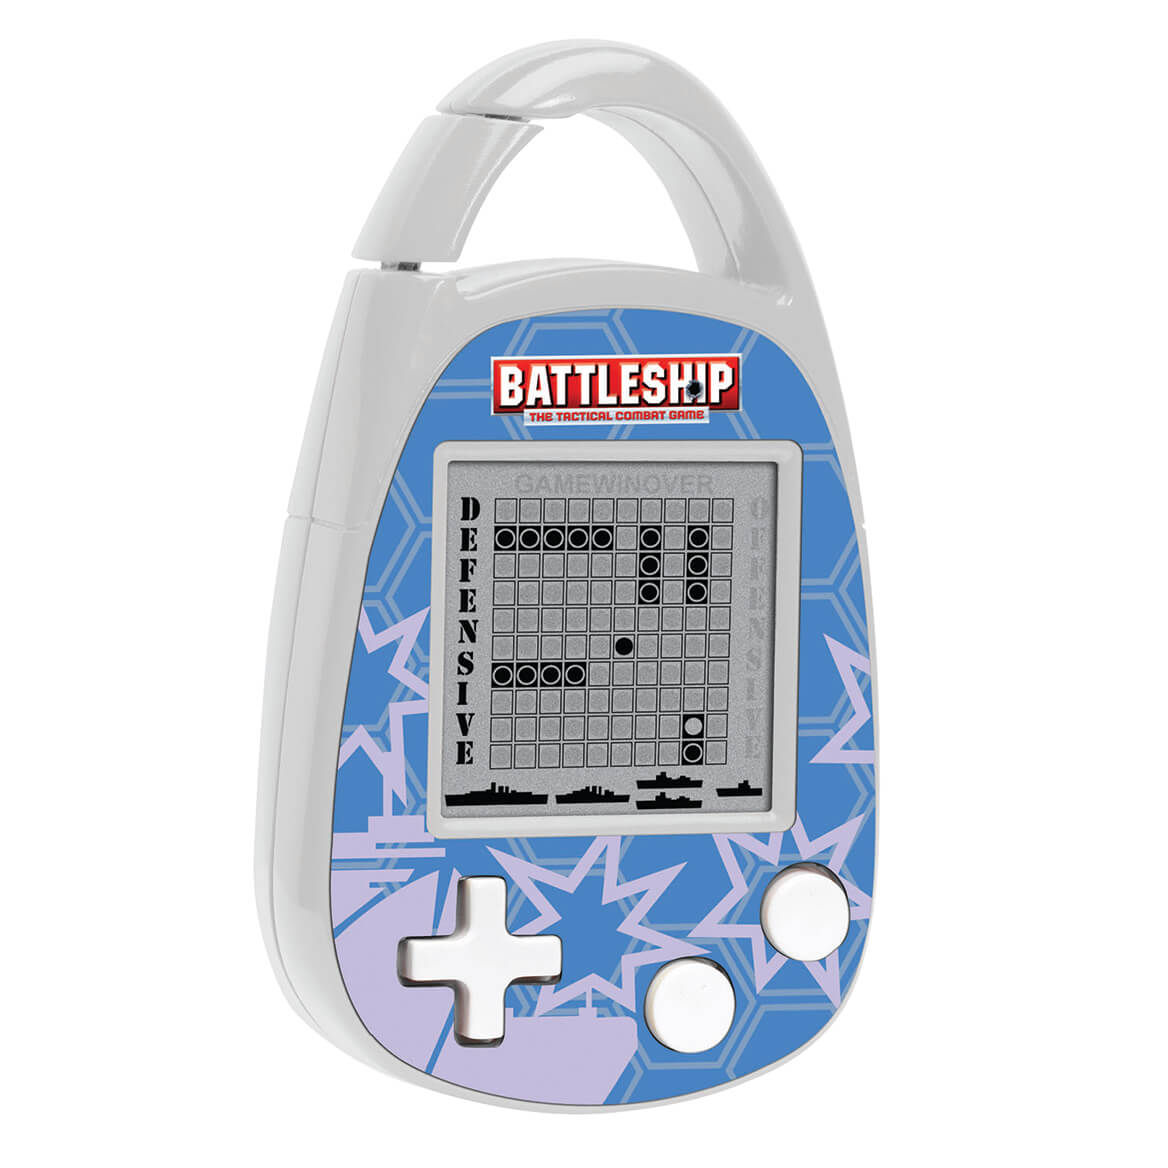 Battleship Hand Held Game